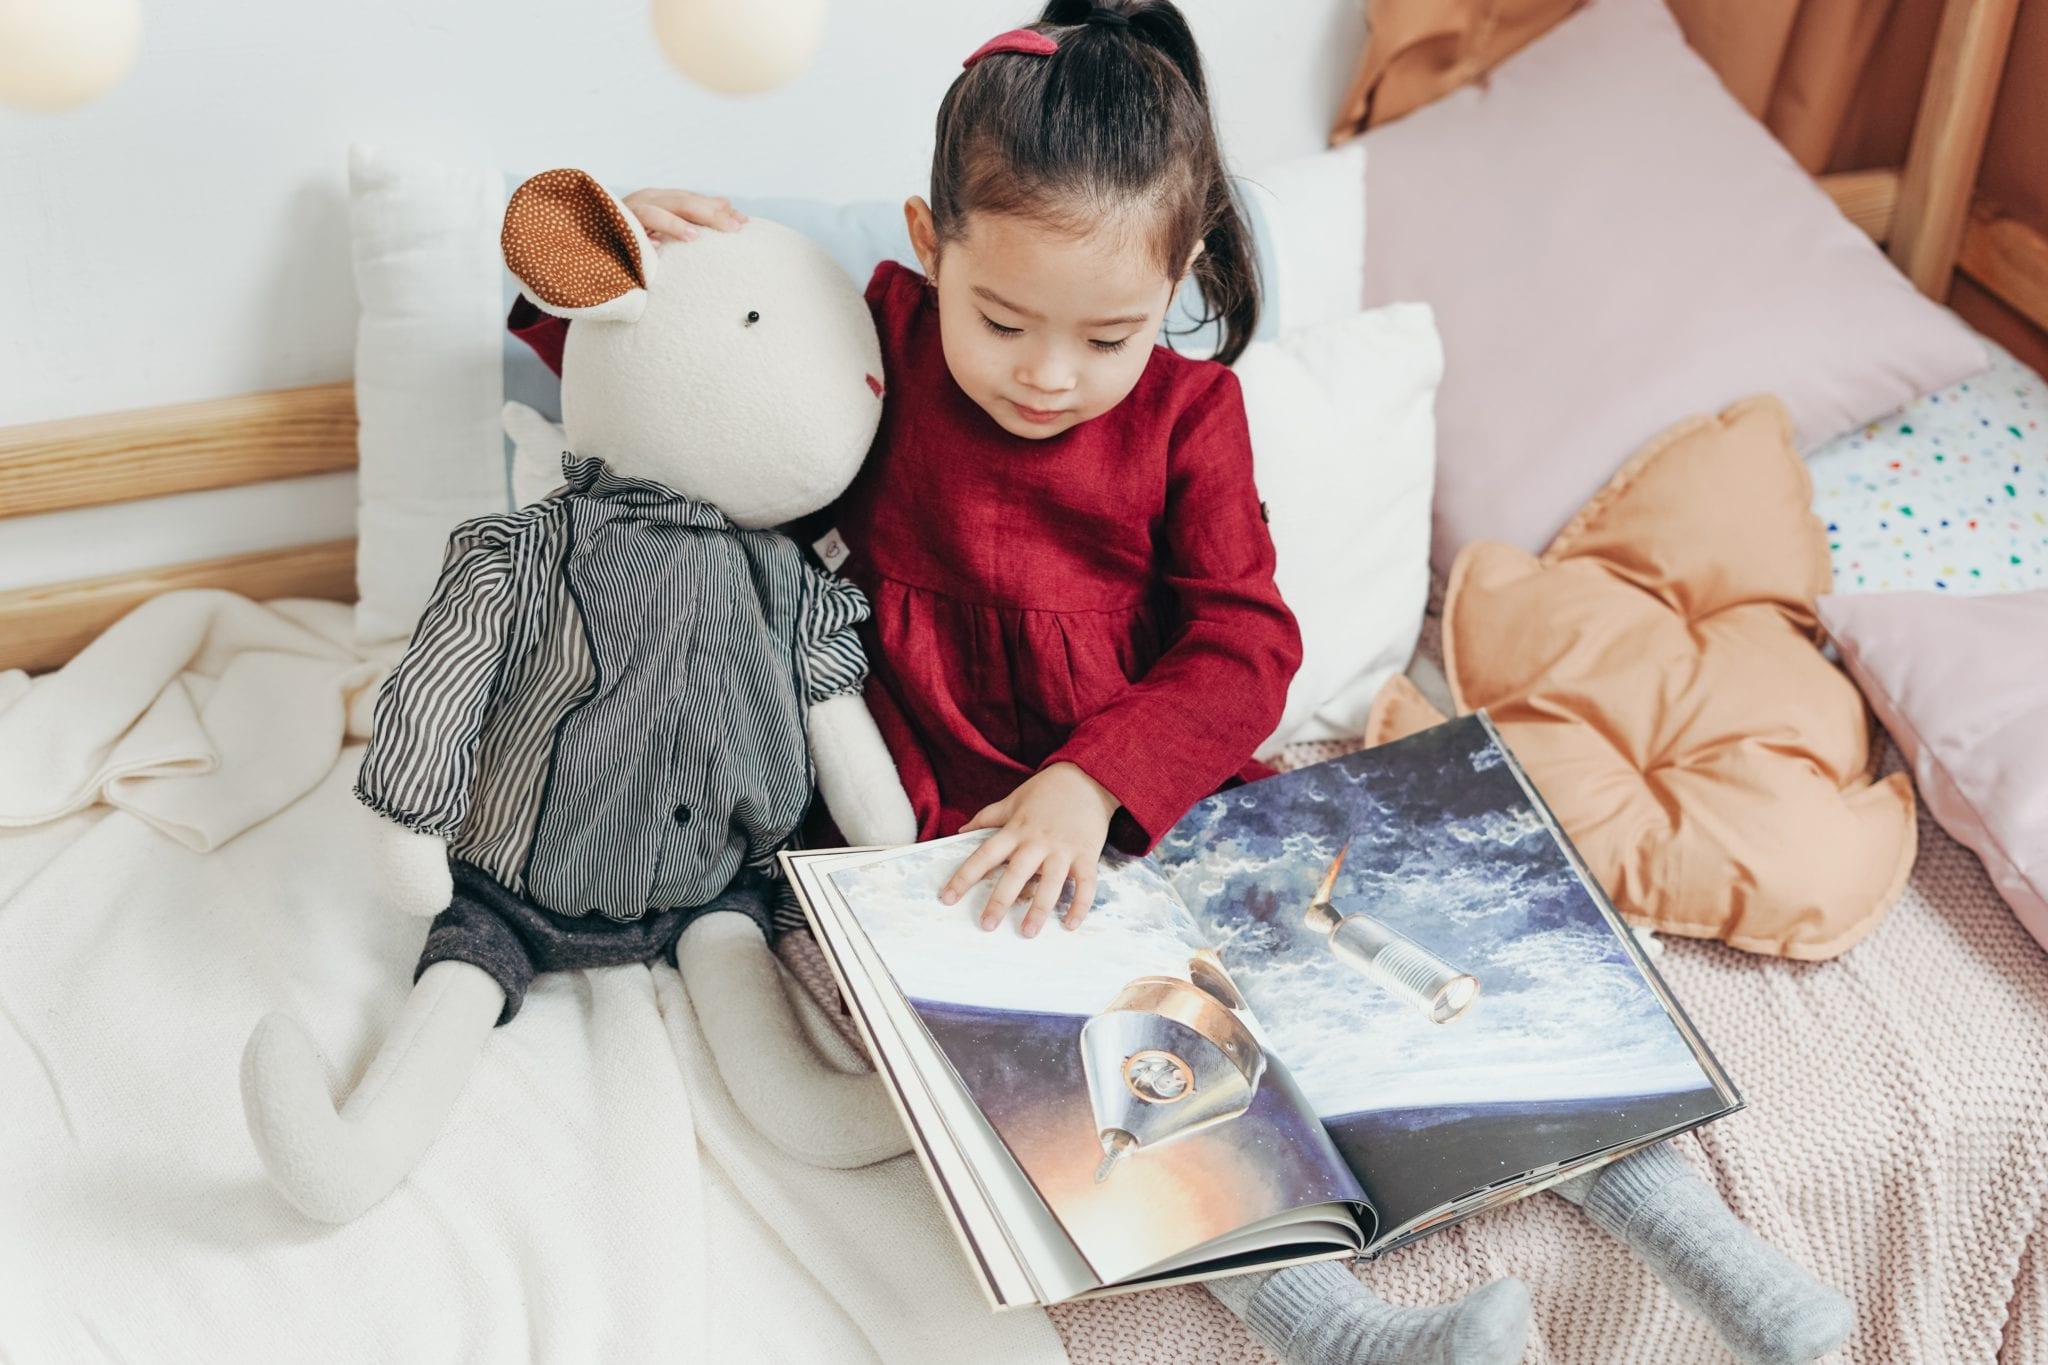 閱讀對寶寶也有好處? 肚子裡的寶寶其實聽得懂故事?